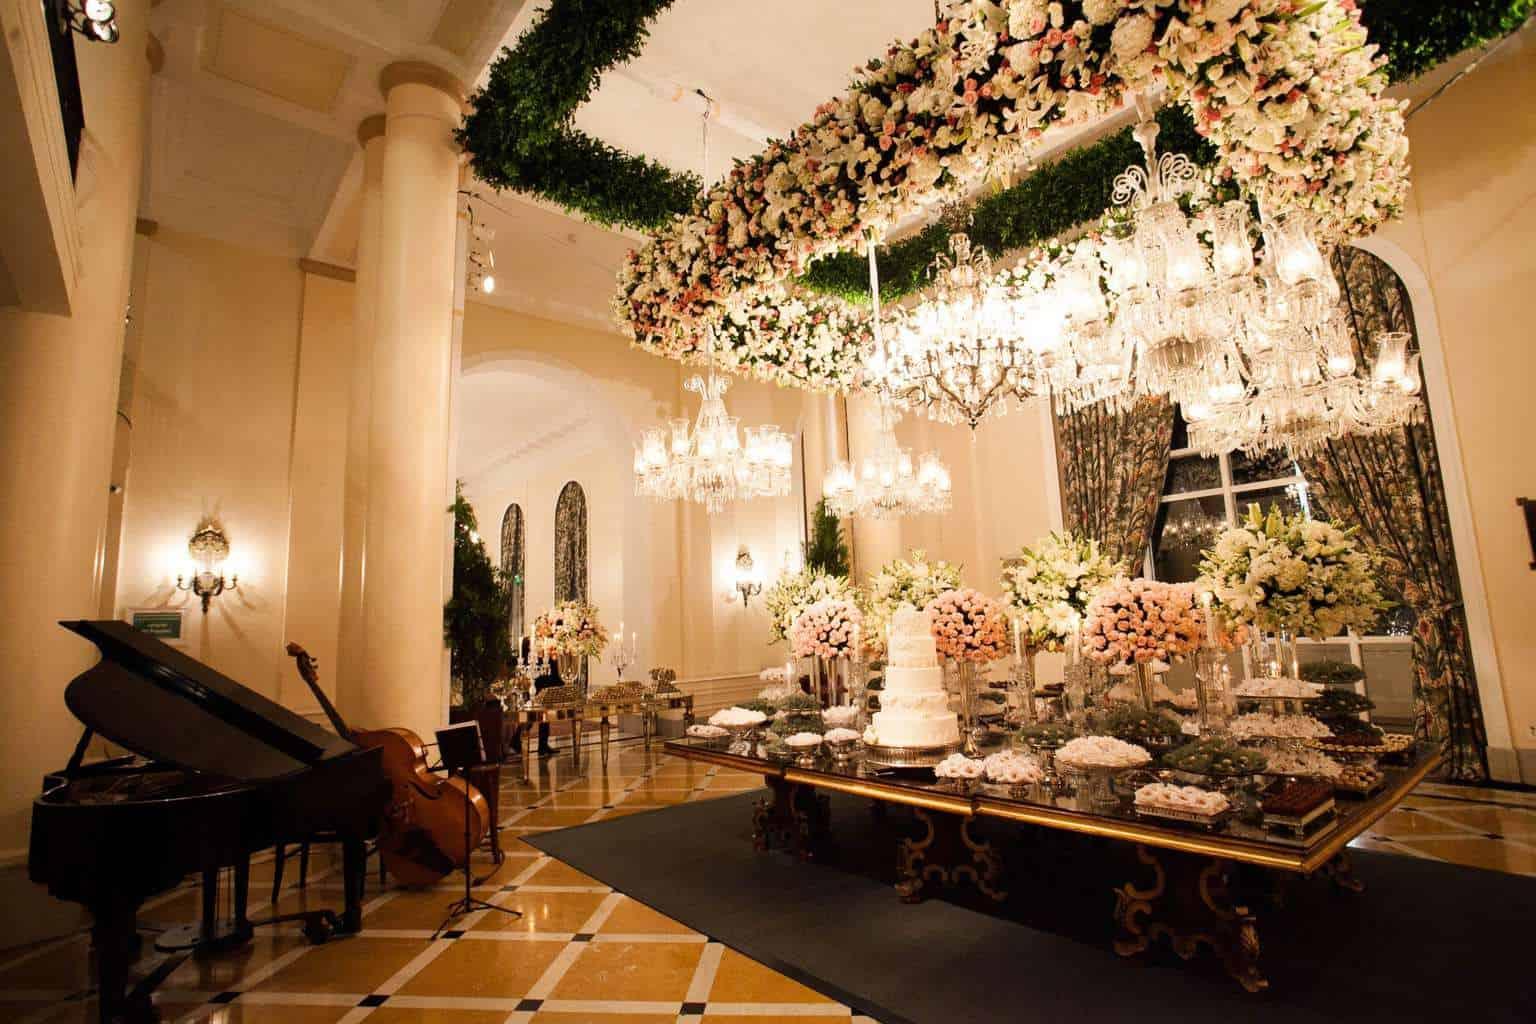 Alexandre-Japiassu-Casamento-Clássico-Casamento-tradicional-Copacabana-Palace-Decor-festa-Monica-Roias-Ribas-Foto-e-Vídeo-Tuanny-e-Bernardo-CaseMe-3